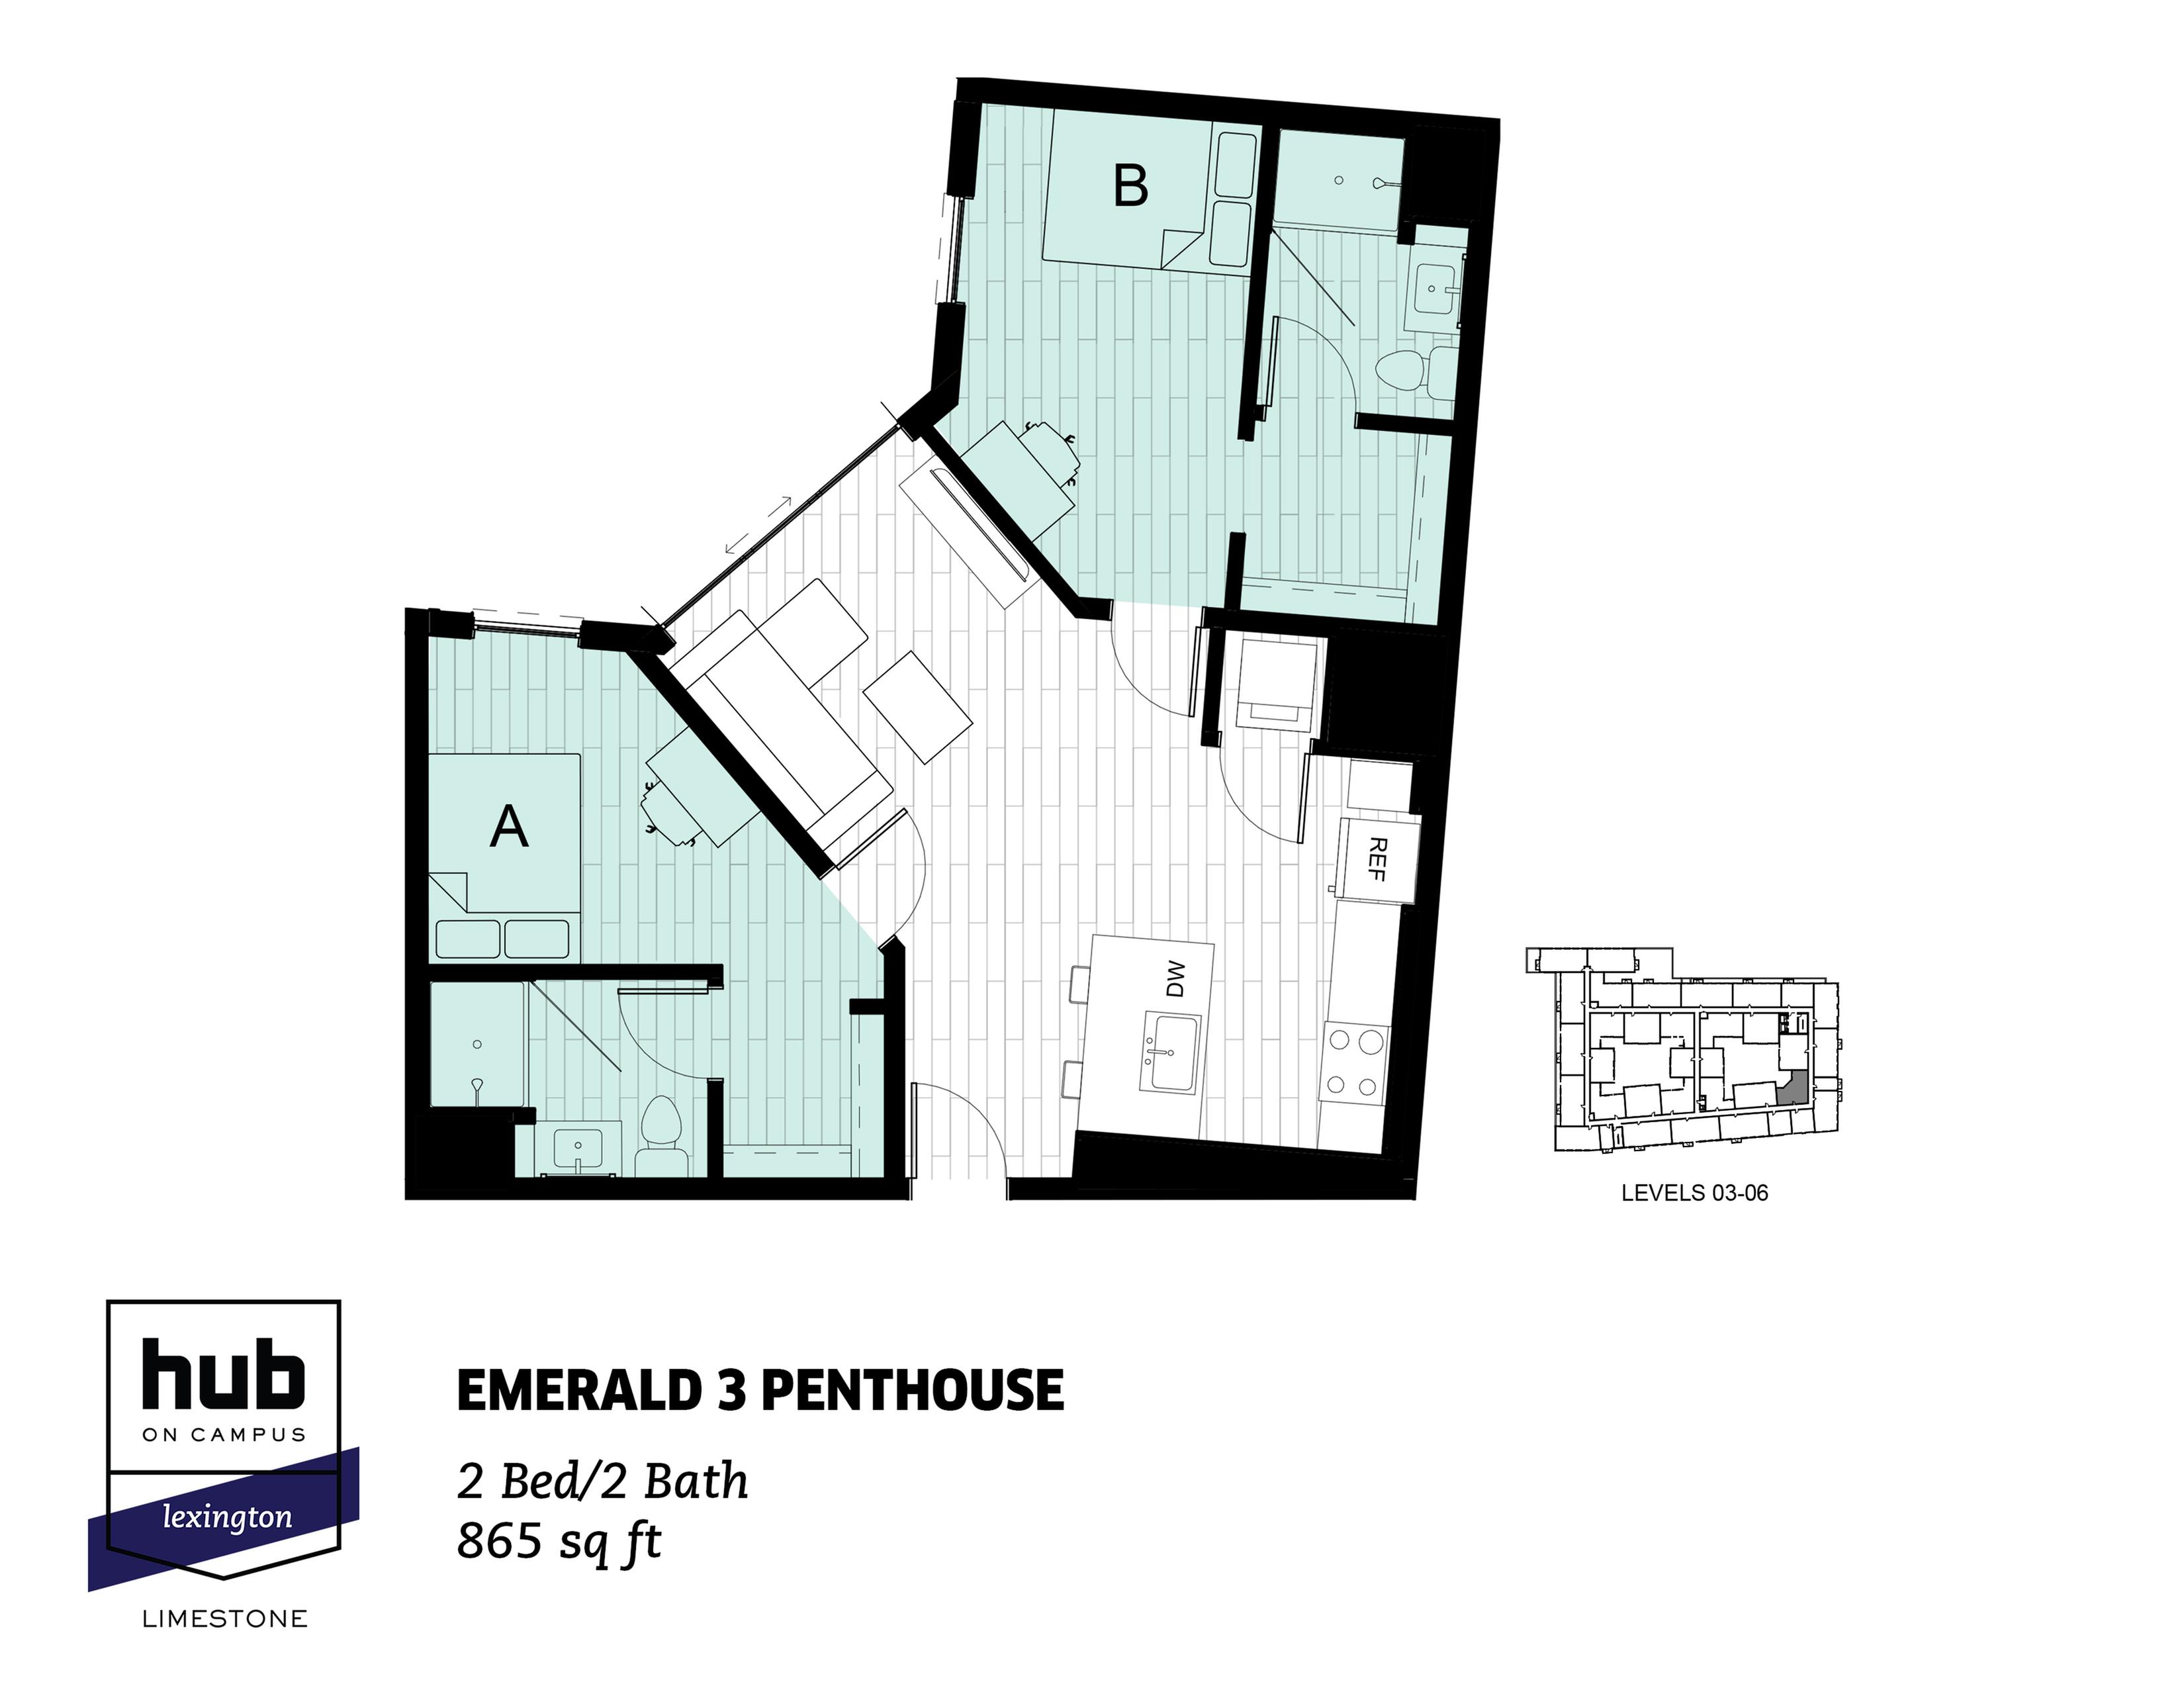 Emerald 3 Penthouse